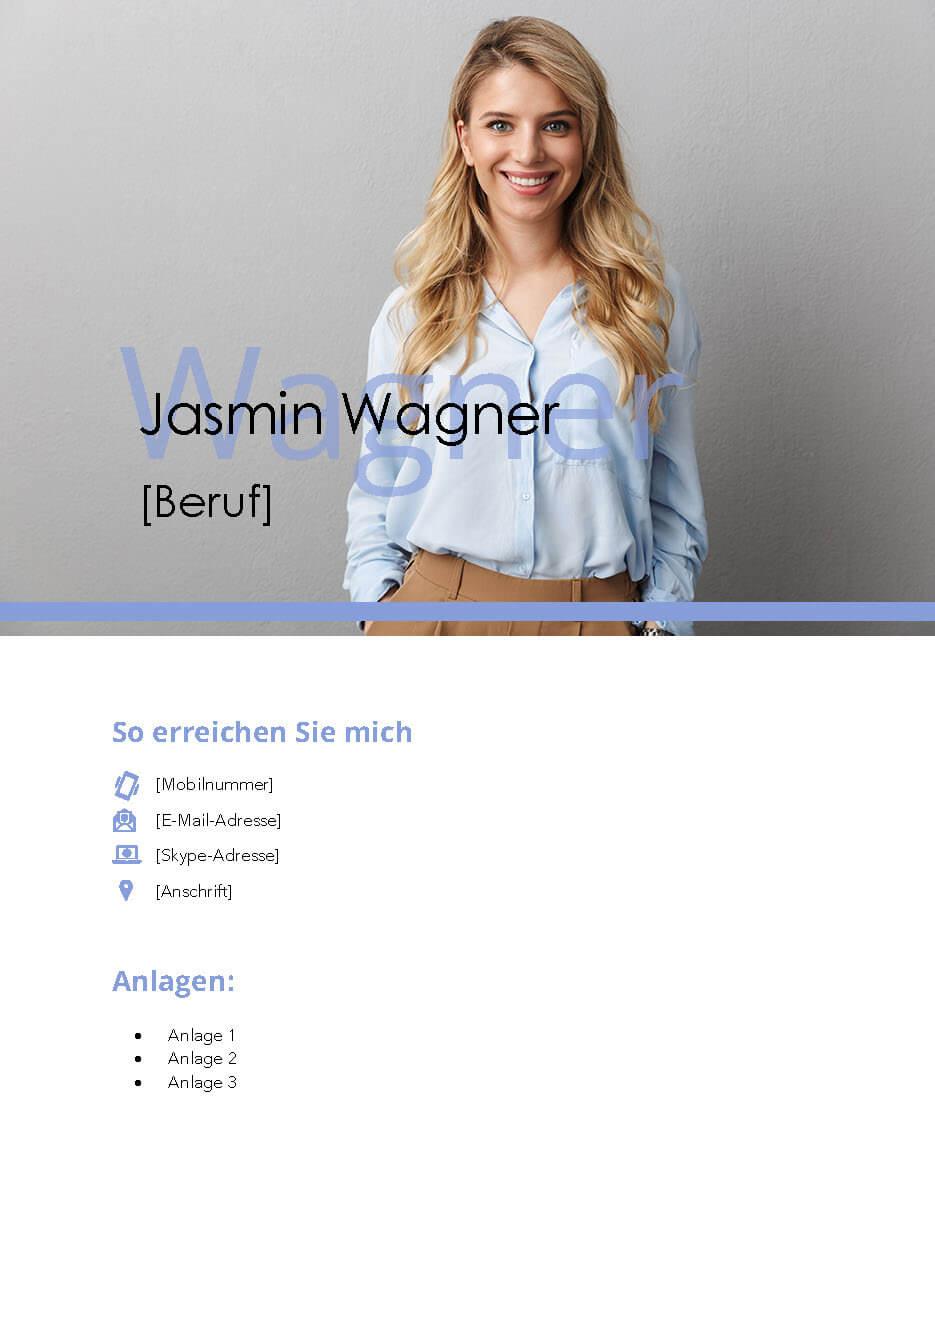 Bewerbungsvorlage Deckblatt Jasmin